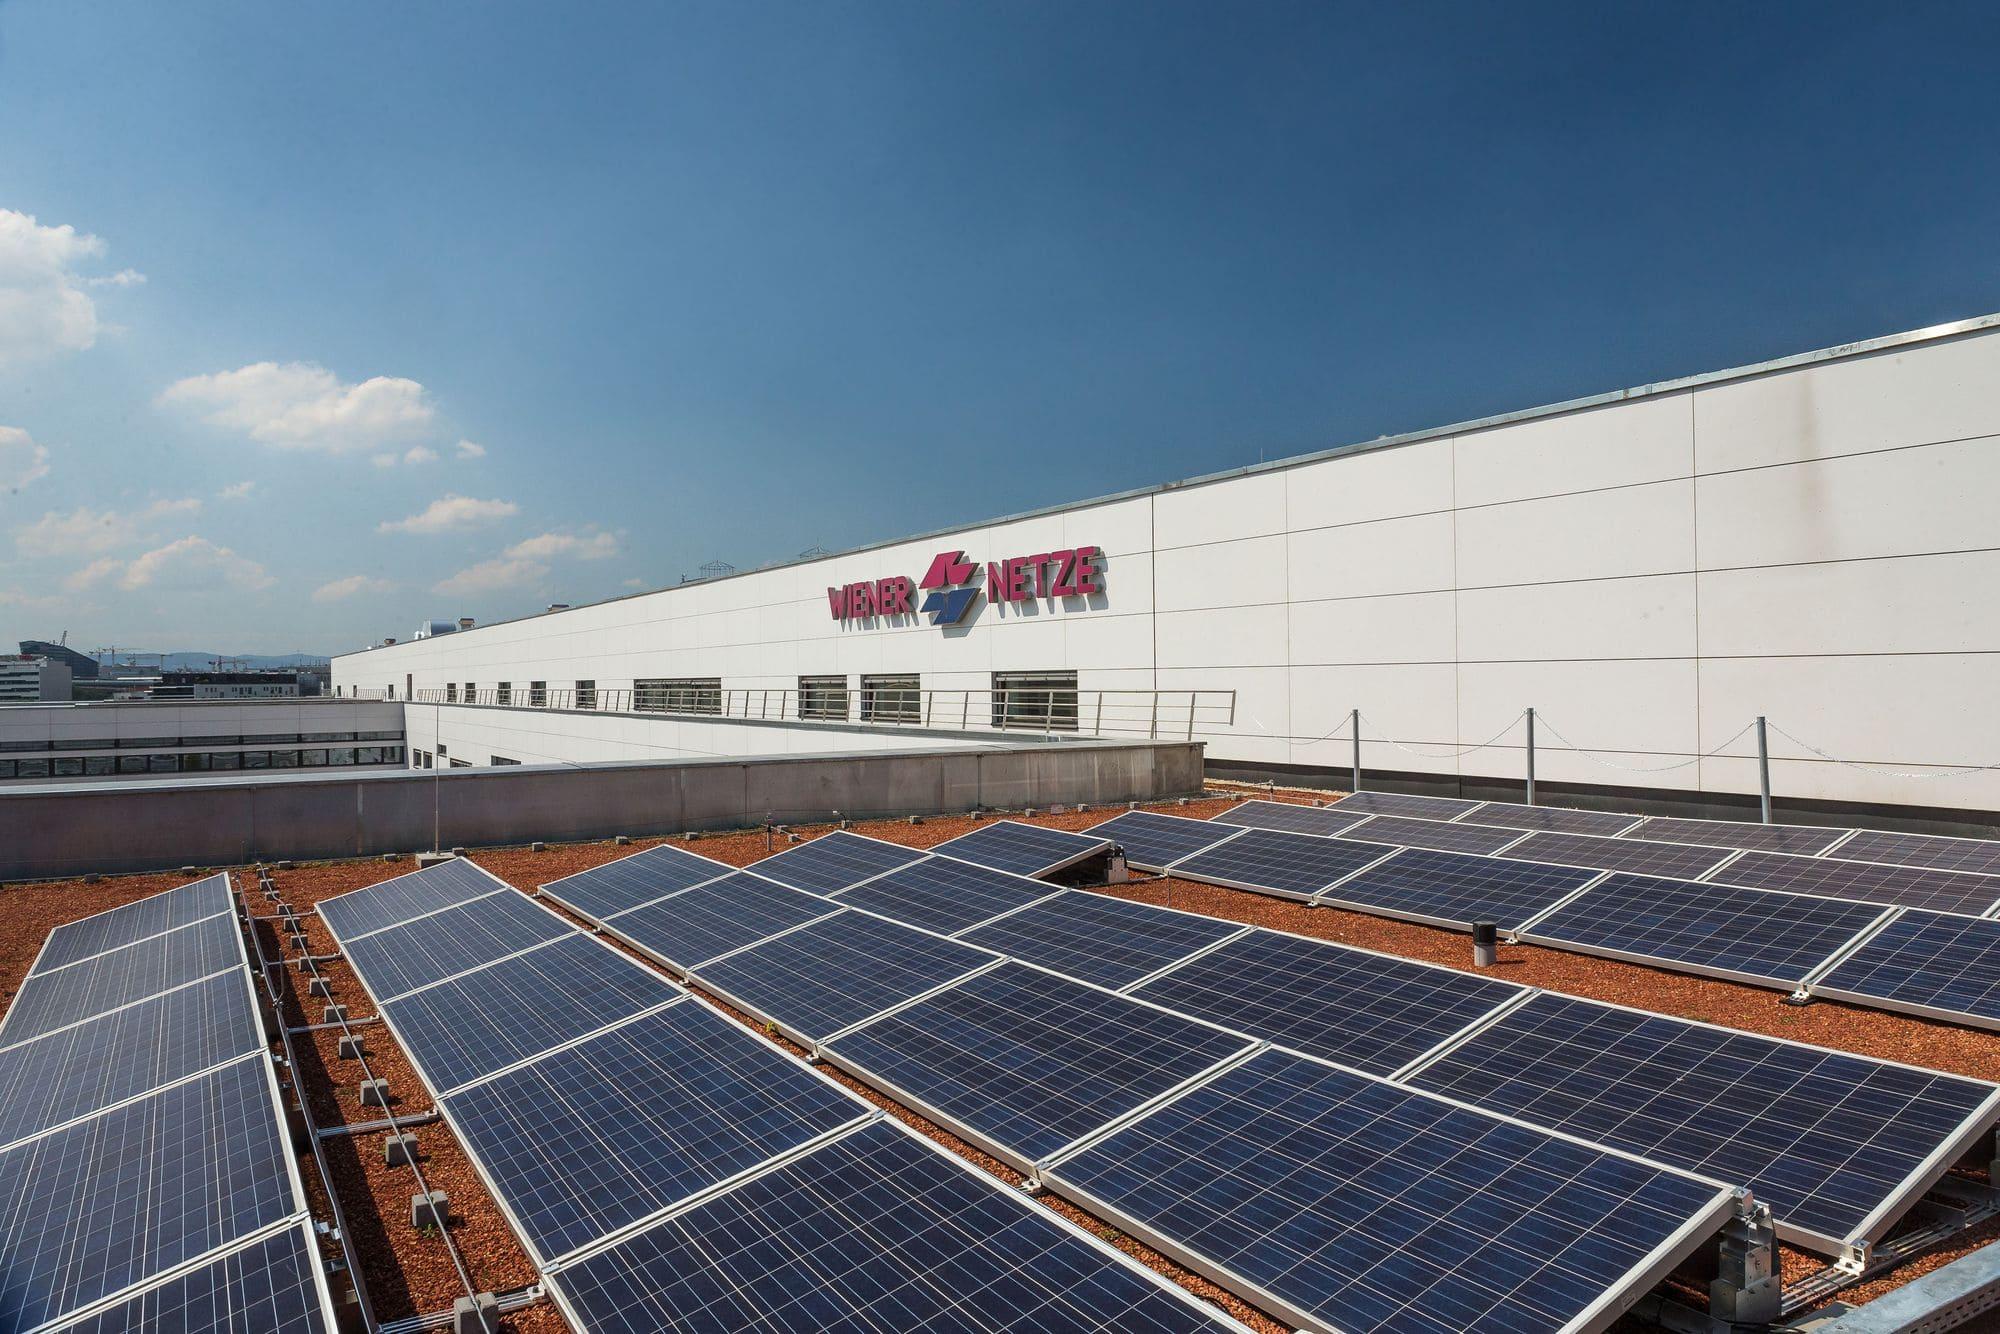 Anlage für Sonnenstrom der Wiener Netze